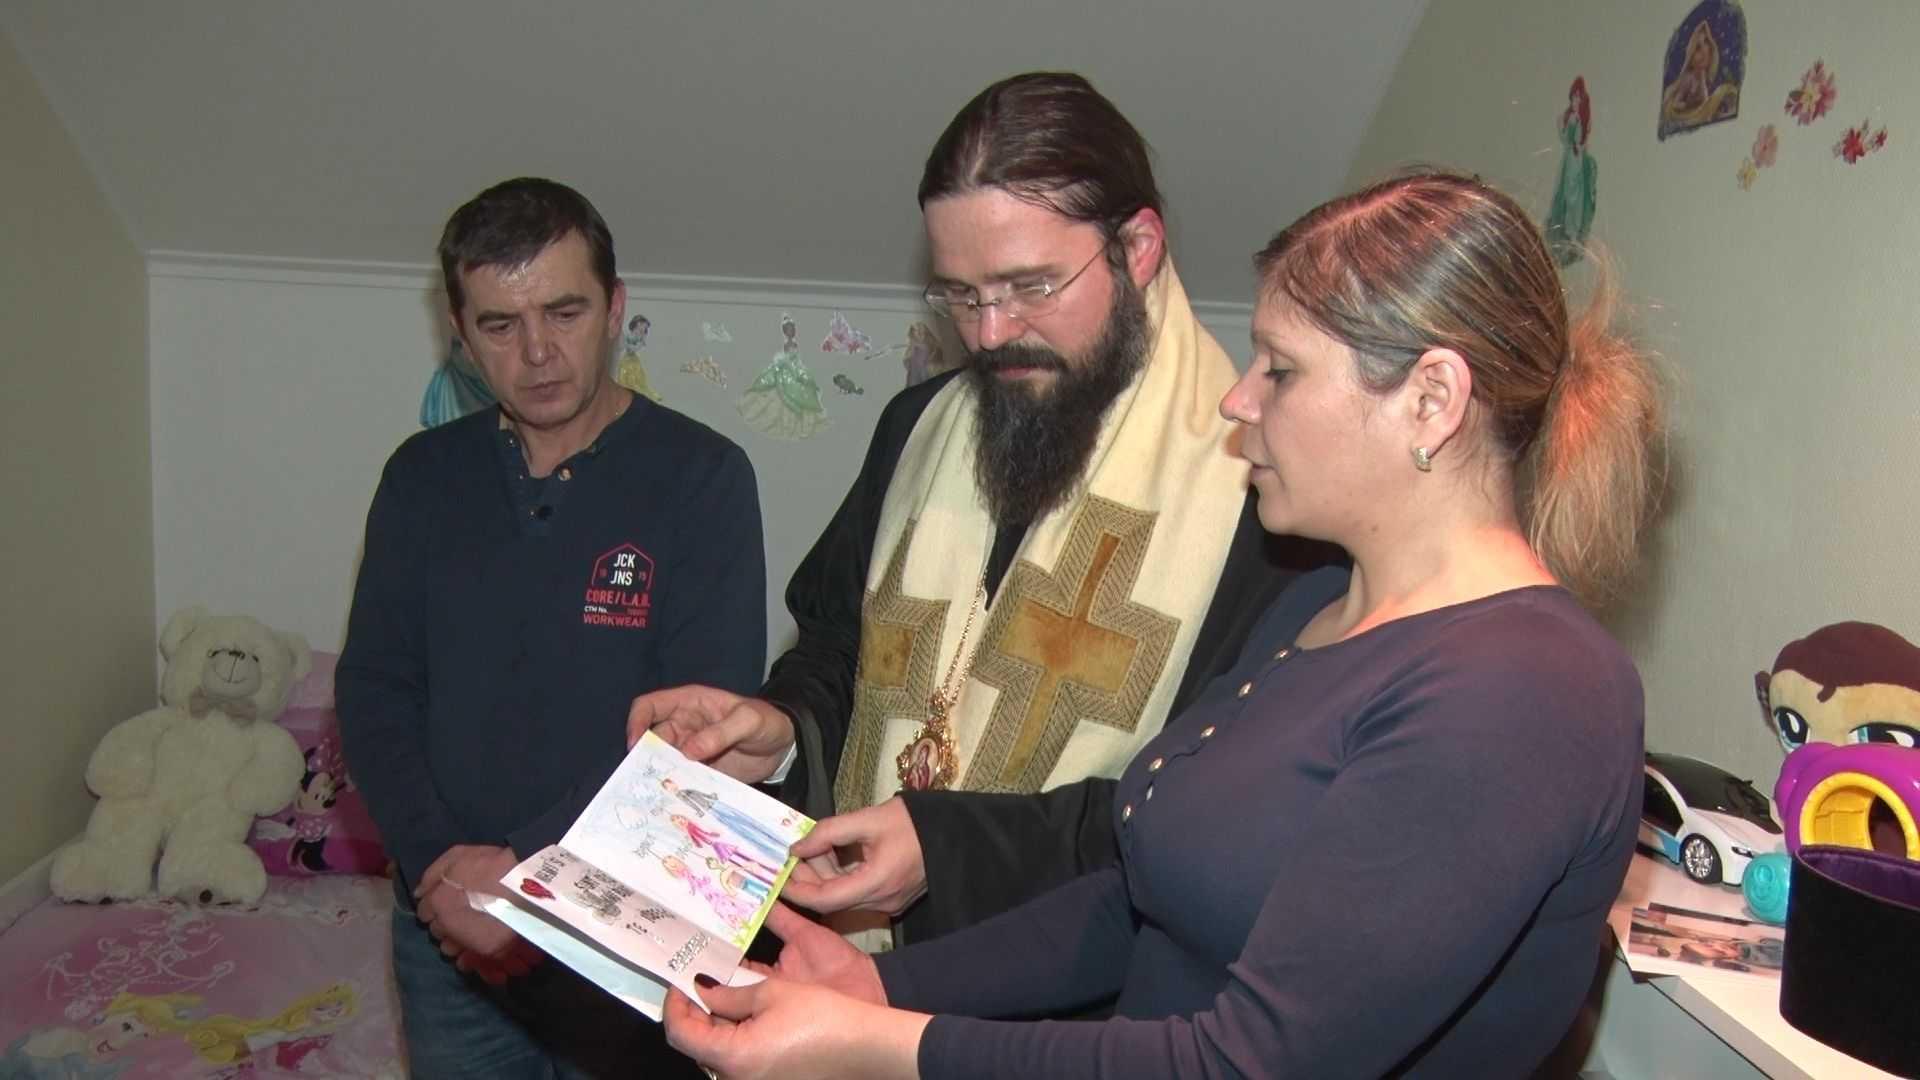 <i>COPIII NORVEGIEI</i>. PS Macarie împreună cu familiile greu încercate din Norvegia – Reportaj realizat de Alex Dima